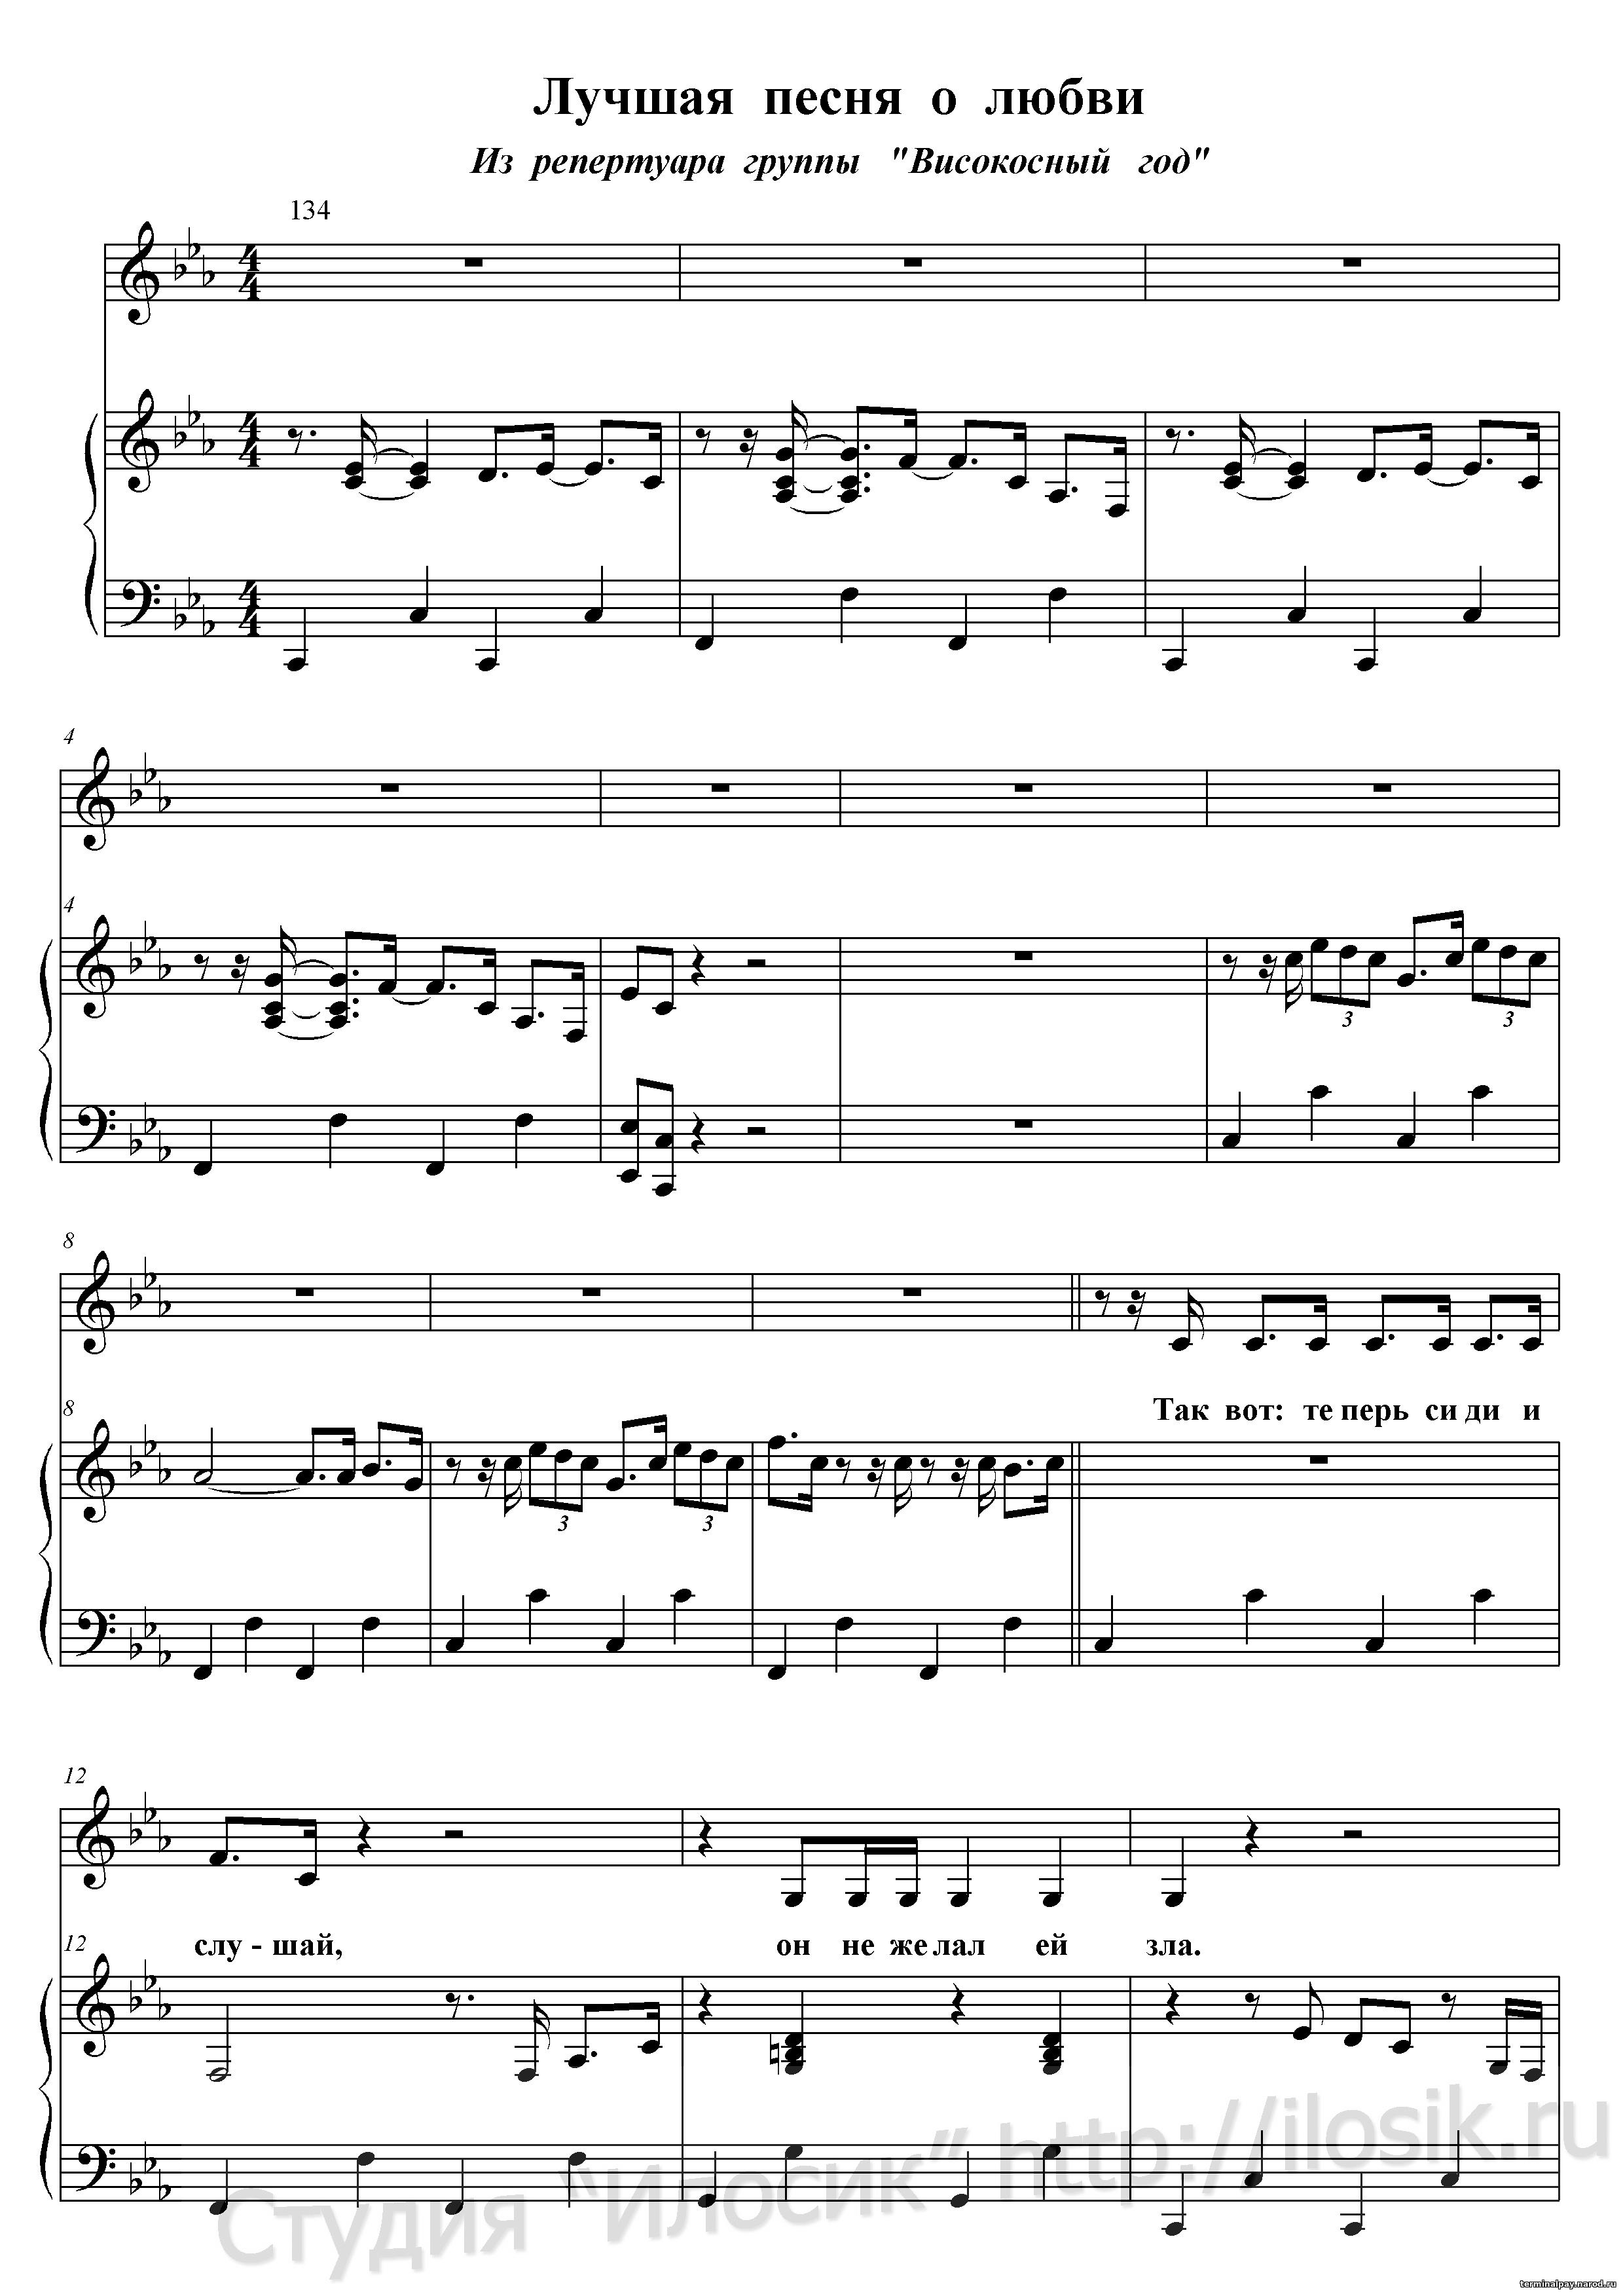 ВИСОКОСНЫЙ ГОД ЛУЧШАЯ ПЕСНЯ О ЛЮБВИ СКАЧАТЬ БЕСПЛАТНО